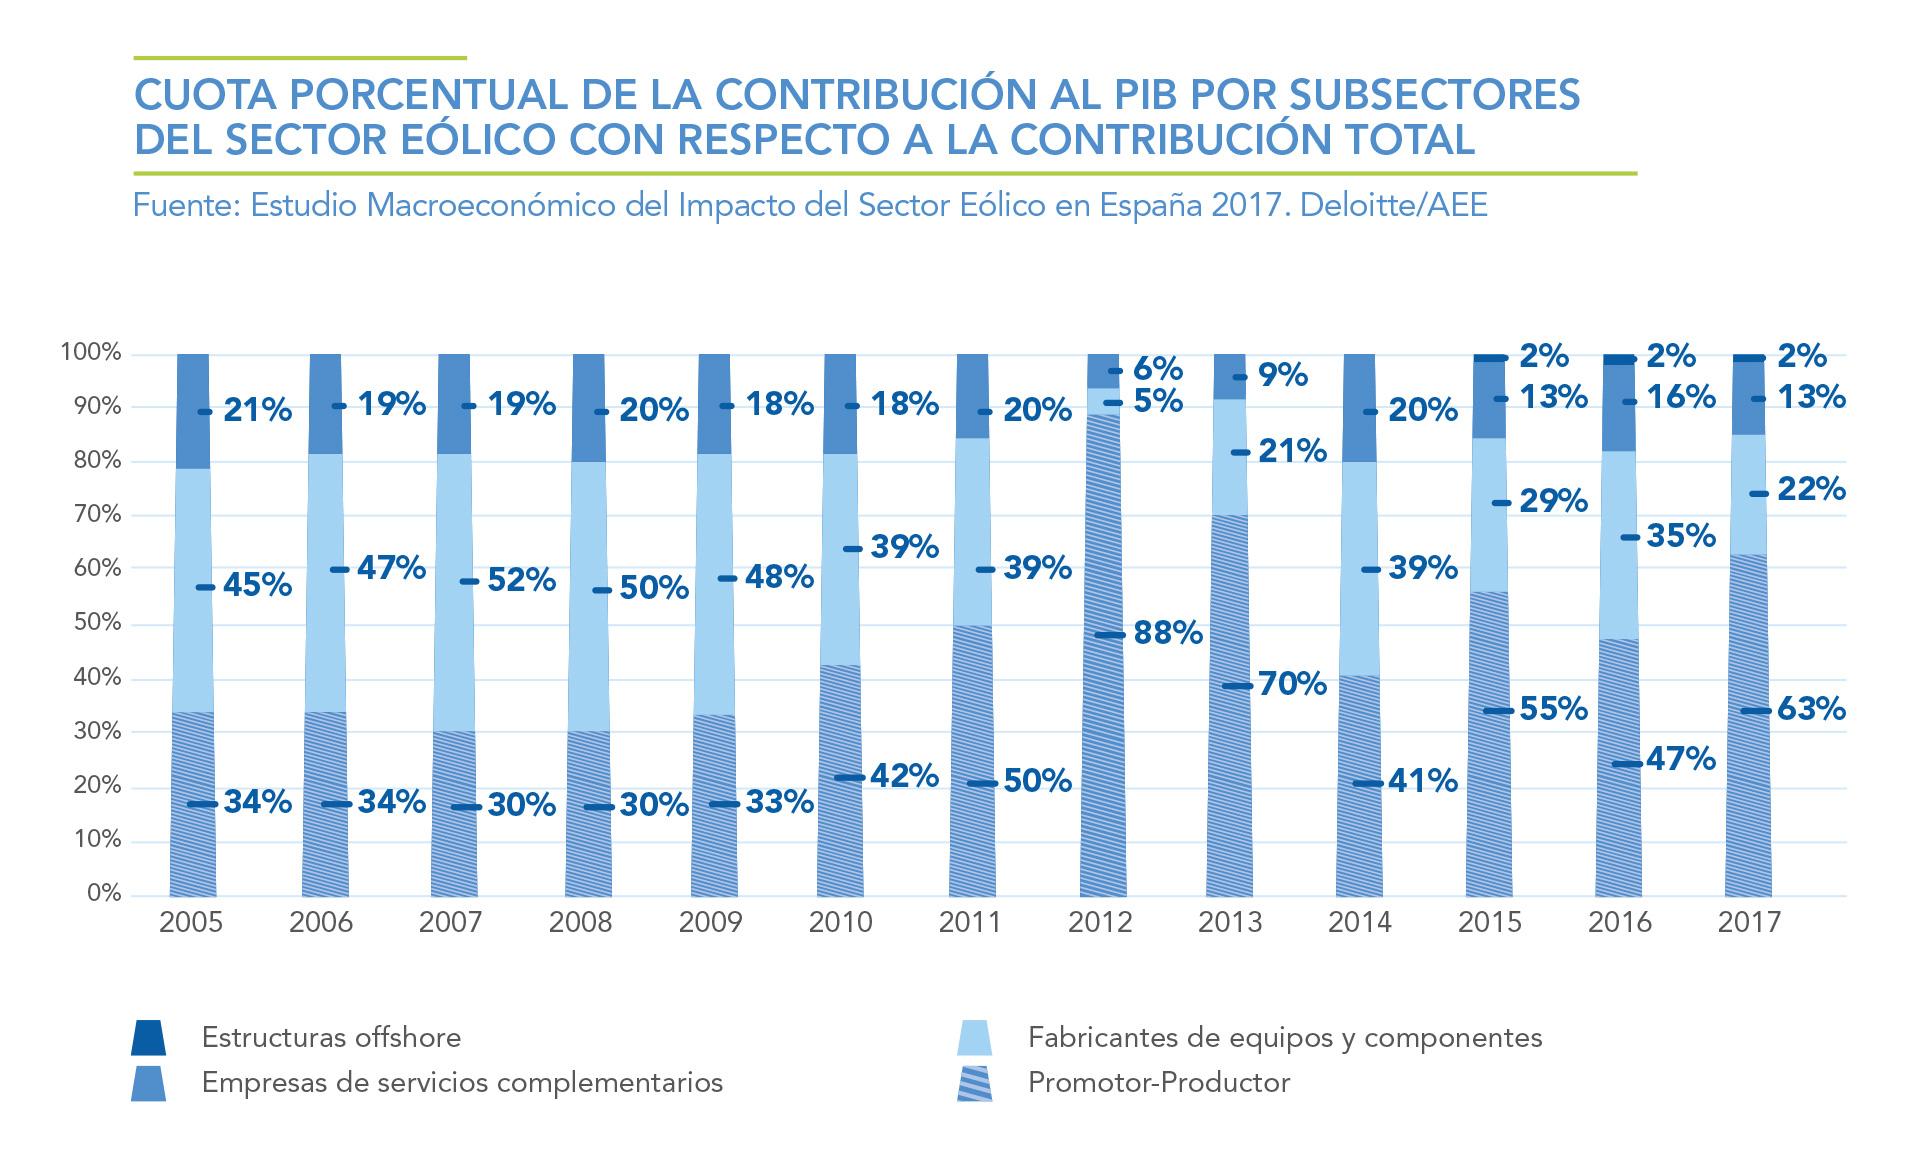 CUOTA-PORCENTUAL-DE-LA-CONTRIBUCION-AL-PIB-POR-SUBSECTORES-DEL-SECTOR-EOLICO-CON-RESPECTO-A-LA-CONTRIBUCION-TOTAL